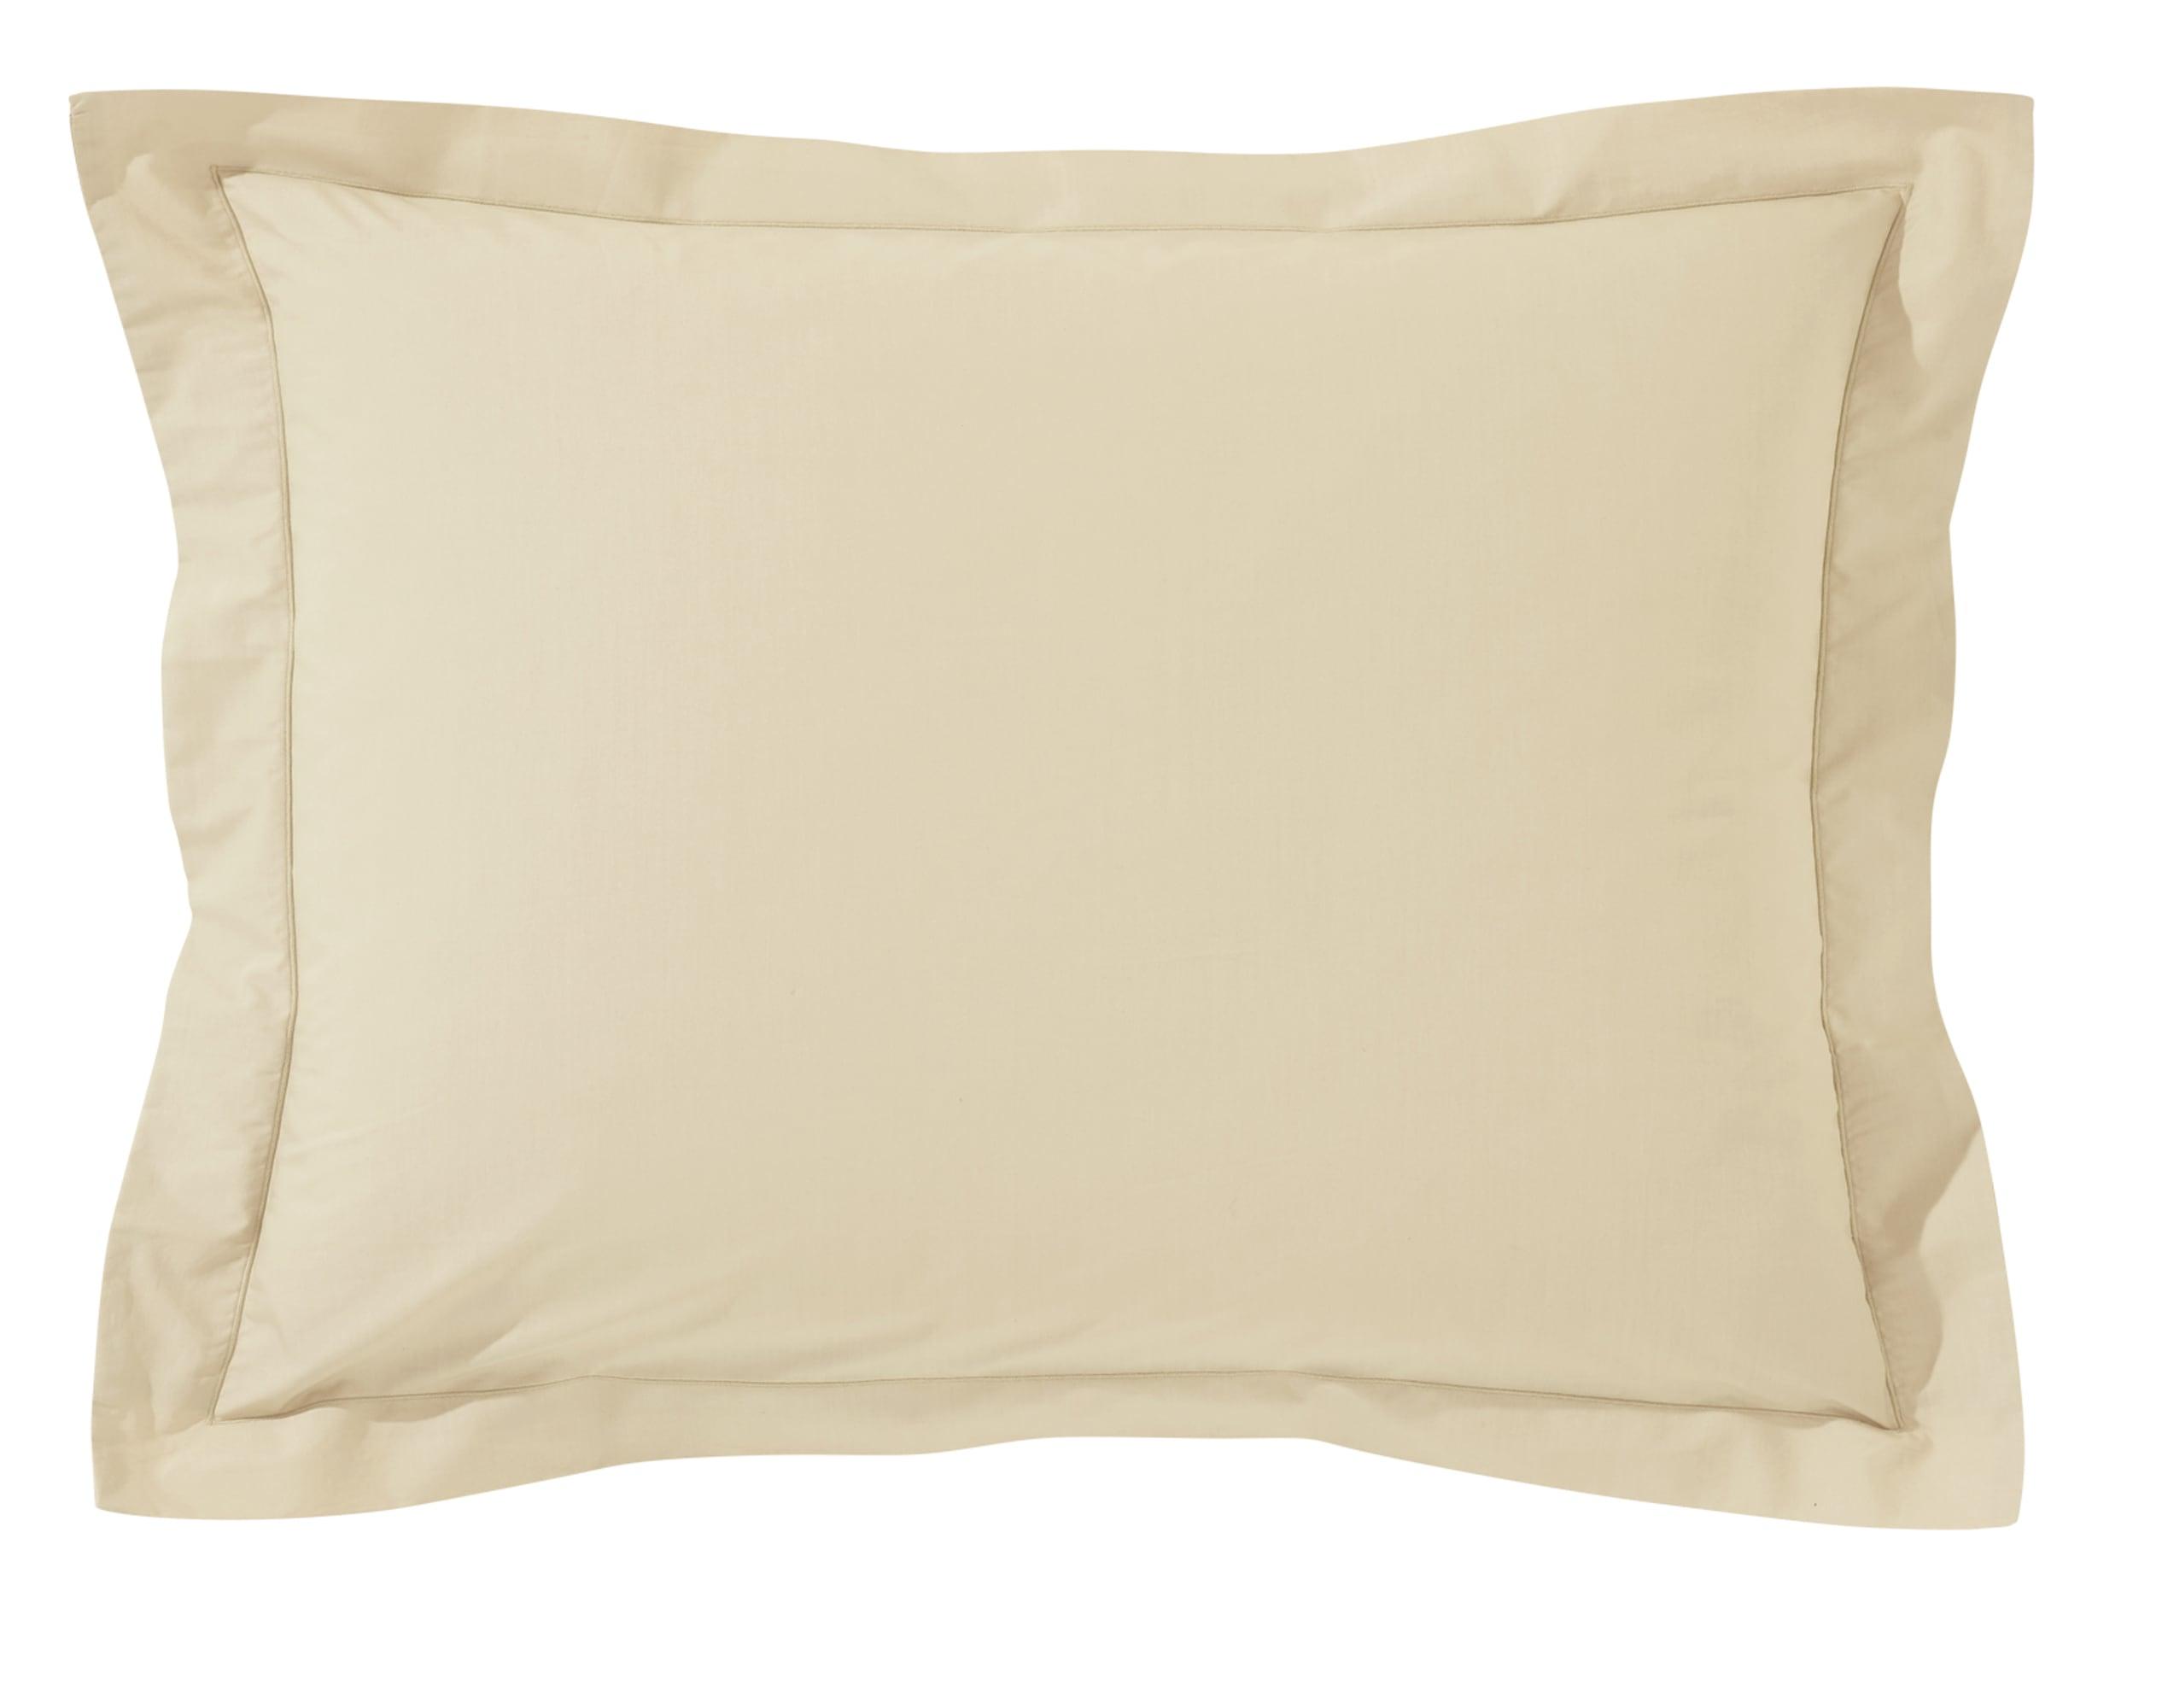 Taie d'oreiller 50x70 en percale de coton  beige sable